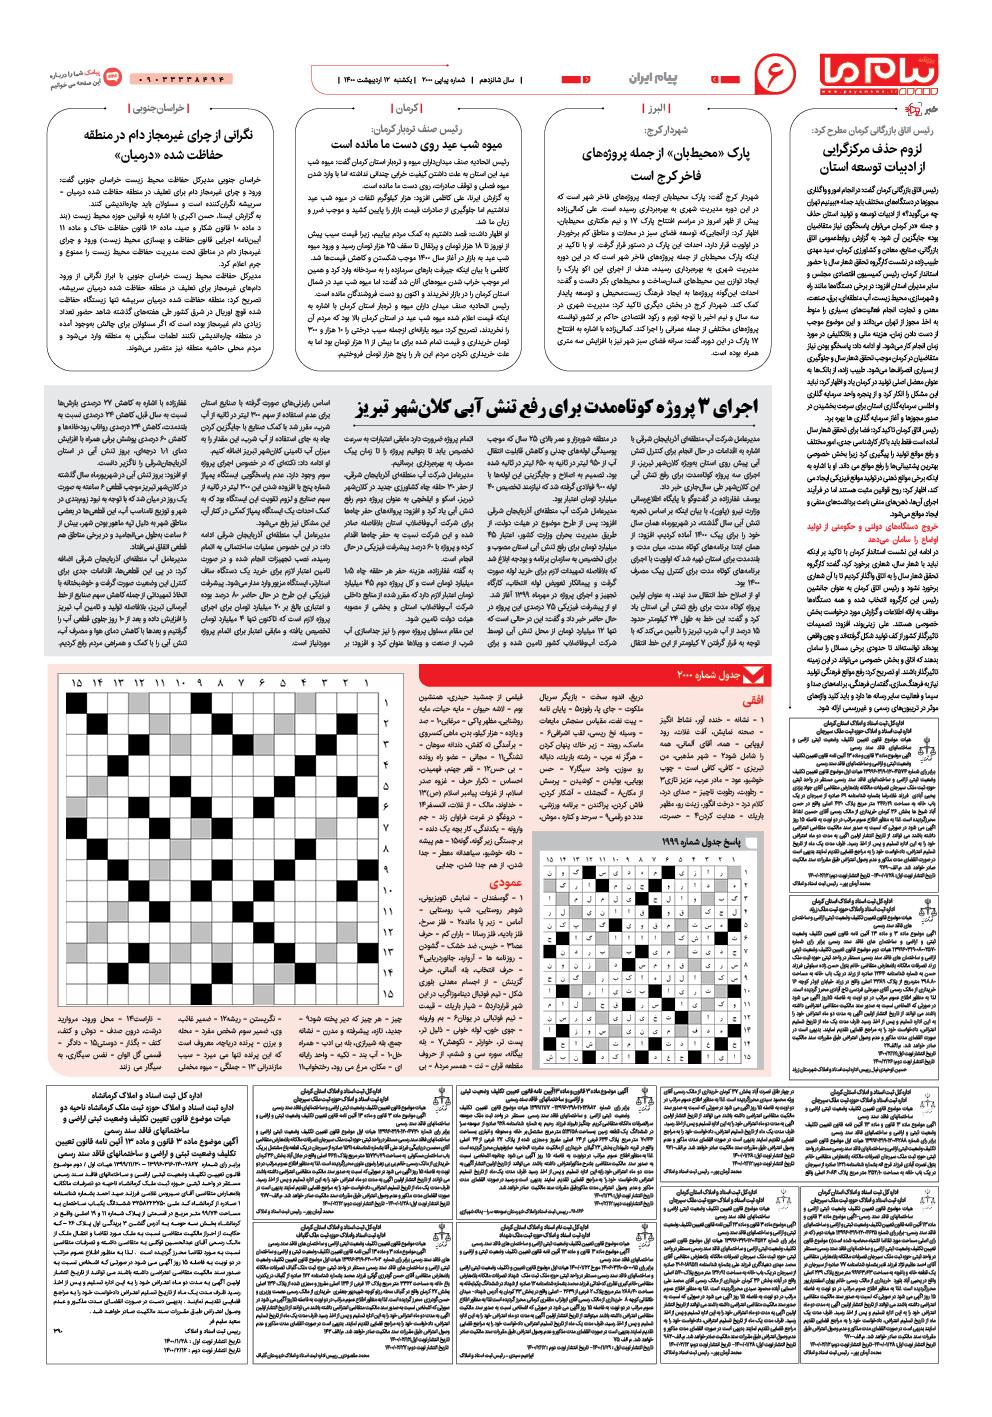 صفحه پیام ایران شماره ۲۰۰۰ روزنامه پیام ما